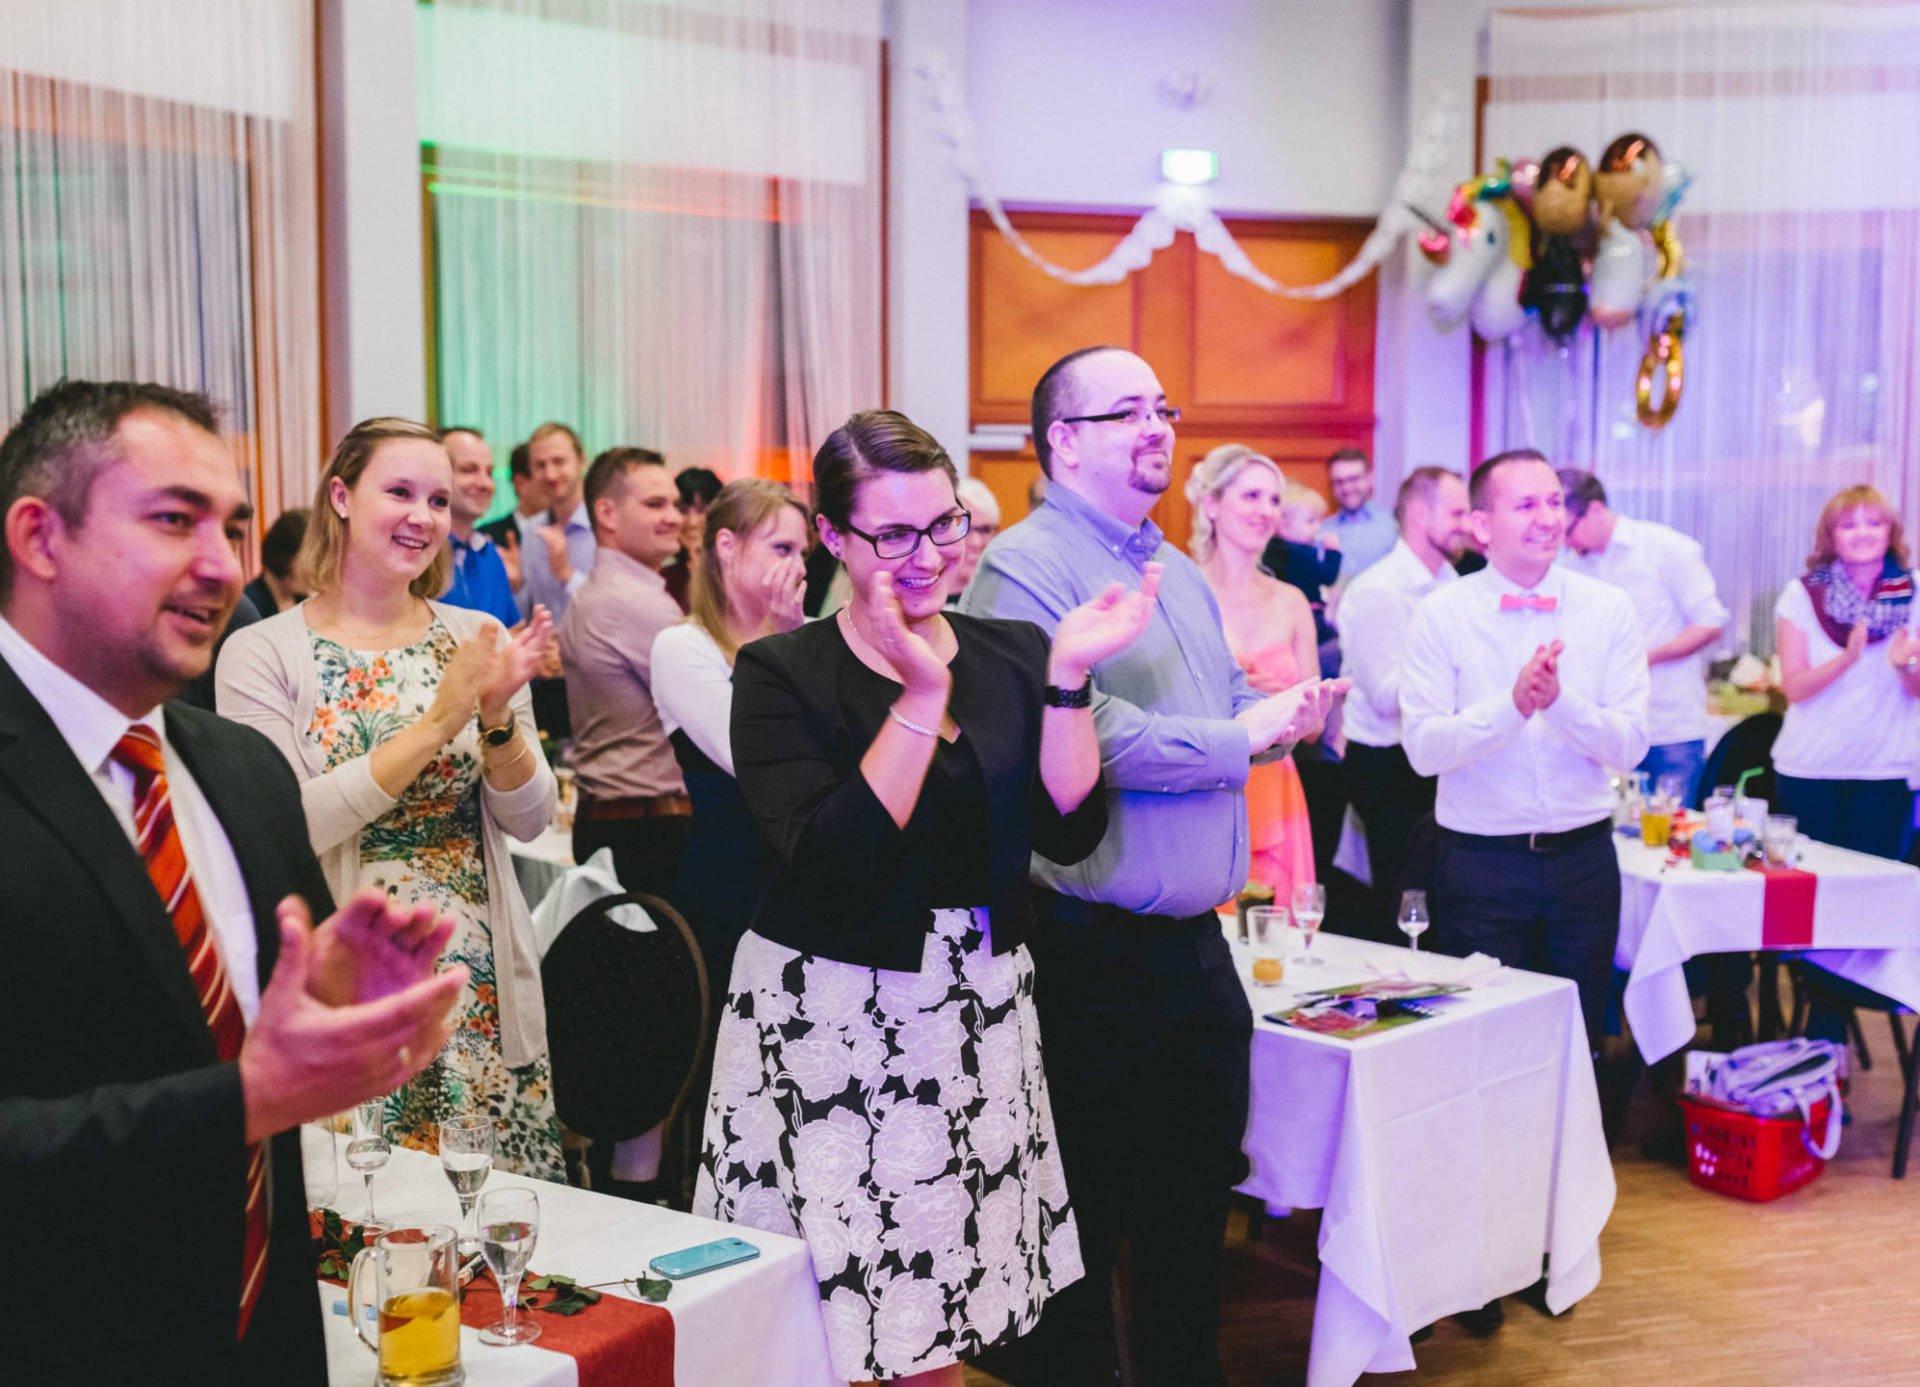 Hochzeitsreportage | Hochzeit im Paradies Jena | 43